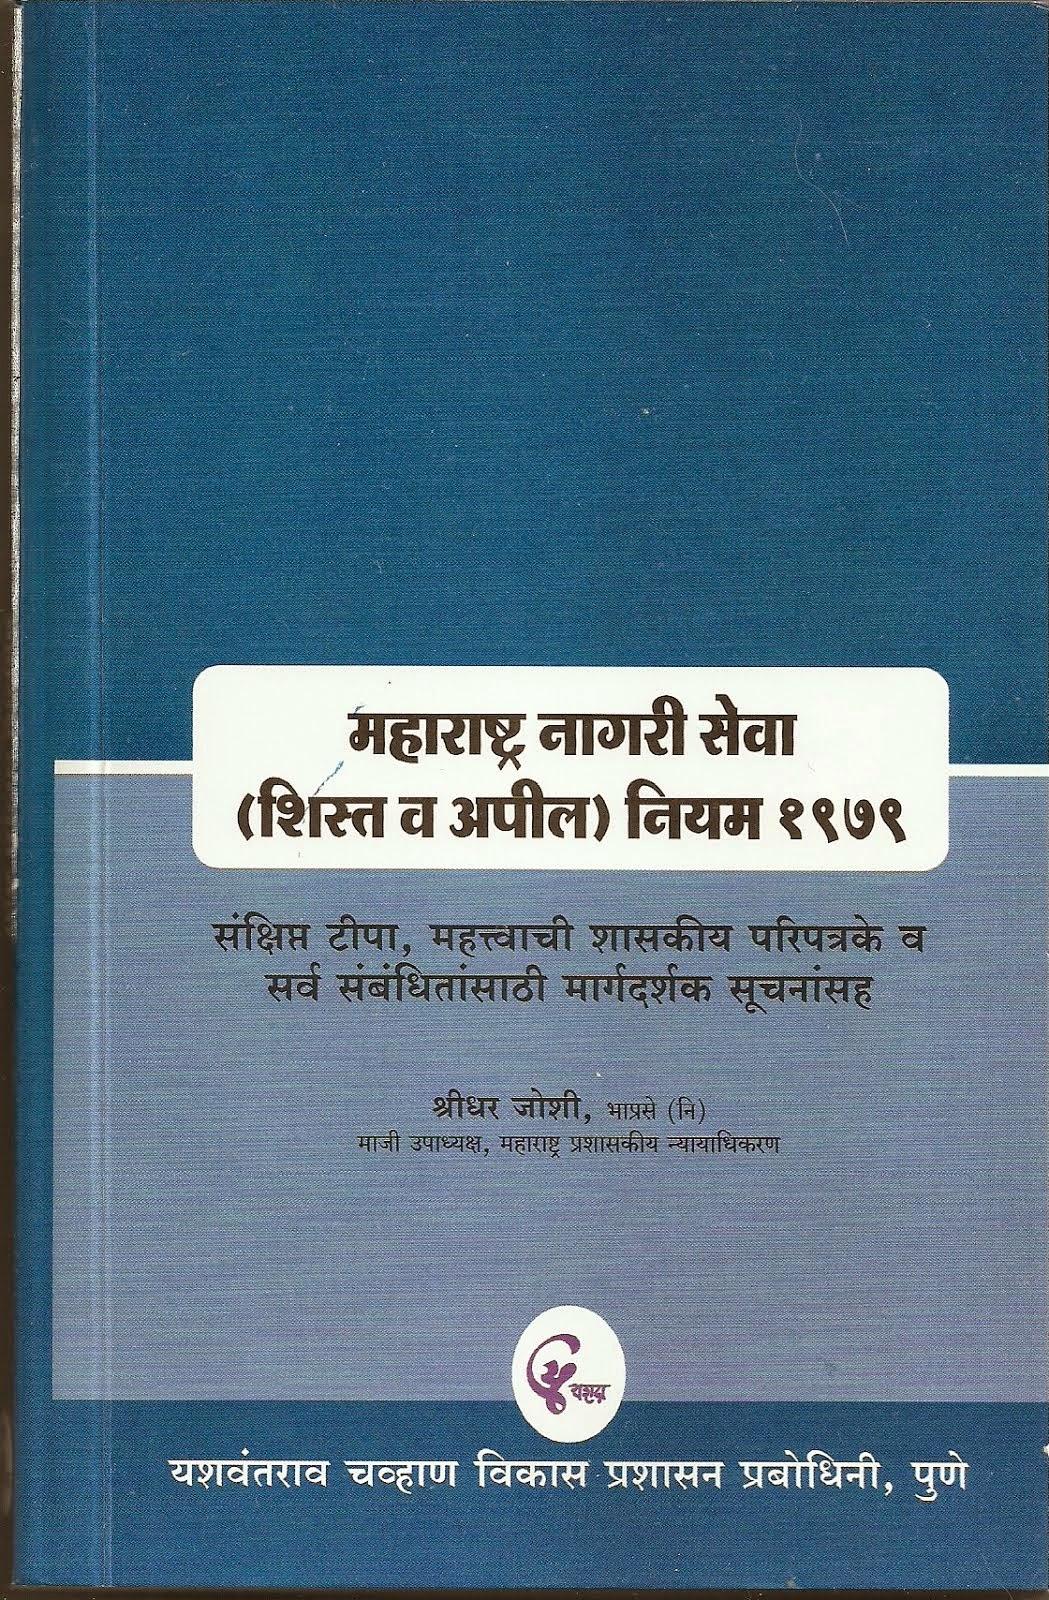 महाराष्ट्र नागरी सेवा (शिस्त व अपील ) नियन १९७९ - तृतीय आवृत्ती